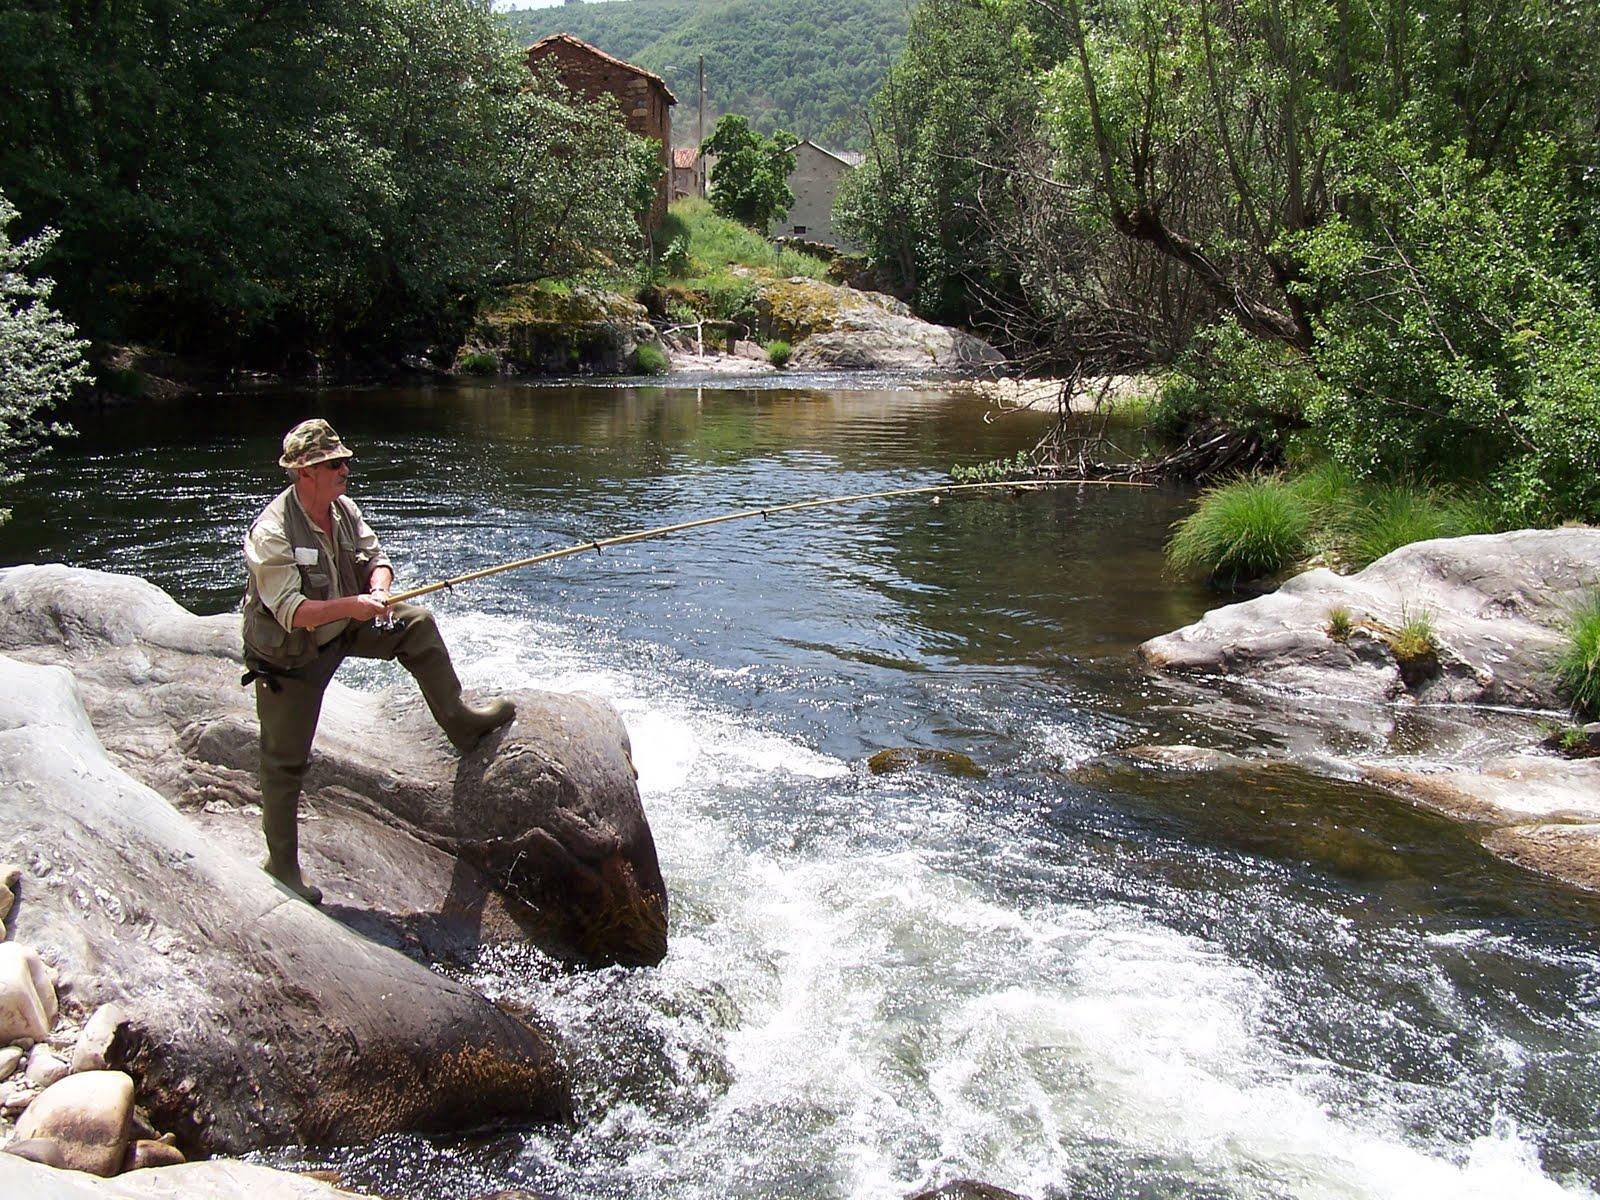 Normativa de pesca fluvial en Galicia 2011